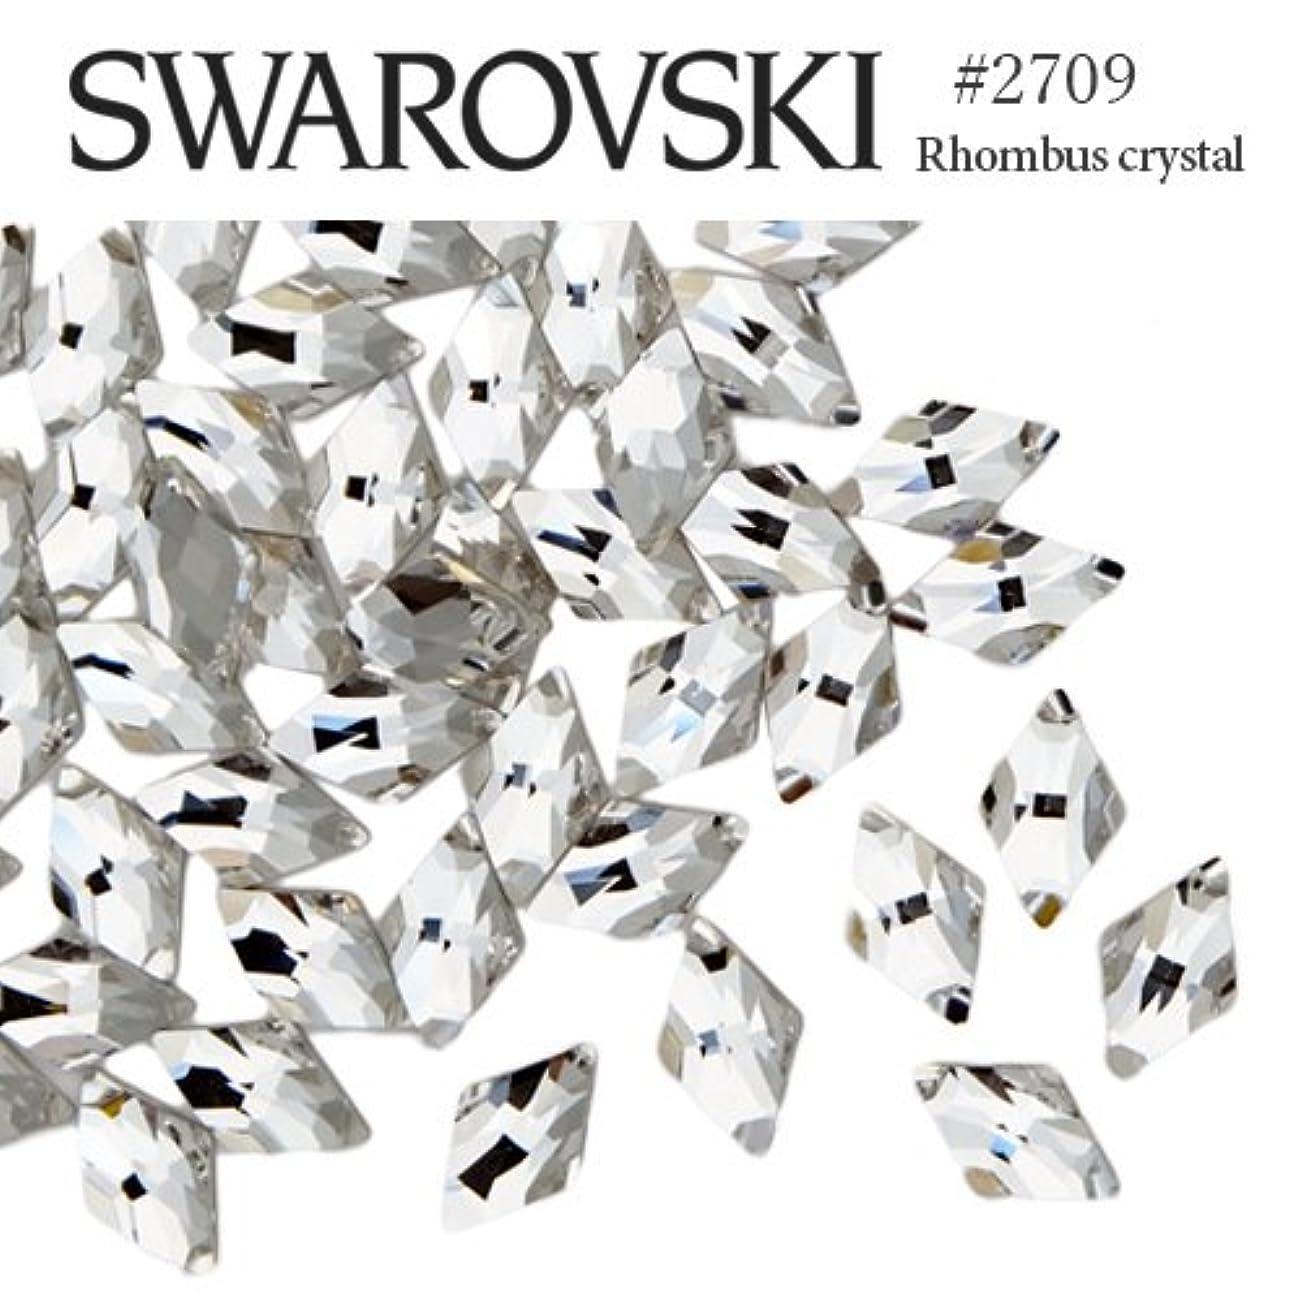 重要性脚本差別化するスワロ #2709 ダイヤ/ロンバス (ひし形) [クリスタル] 3粒入り スワロフスキー ラインストーン